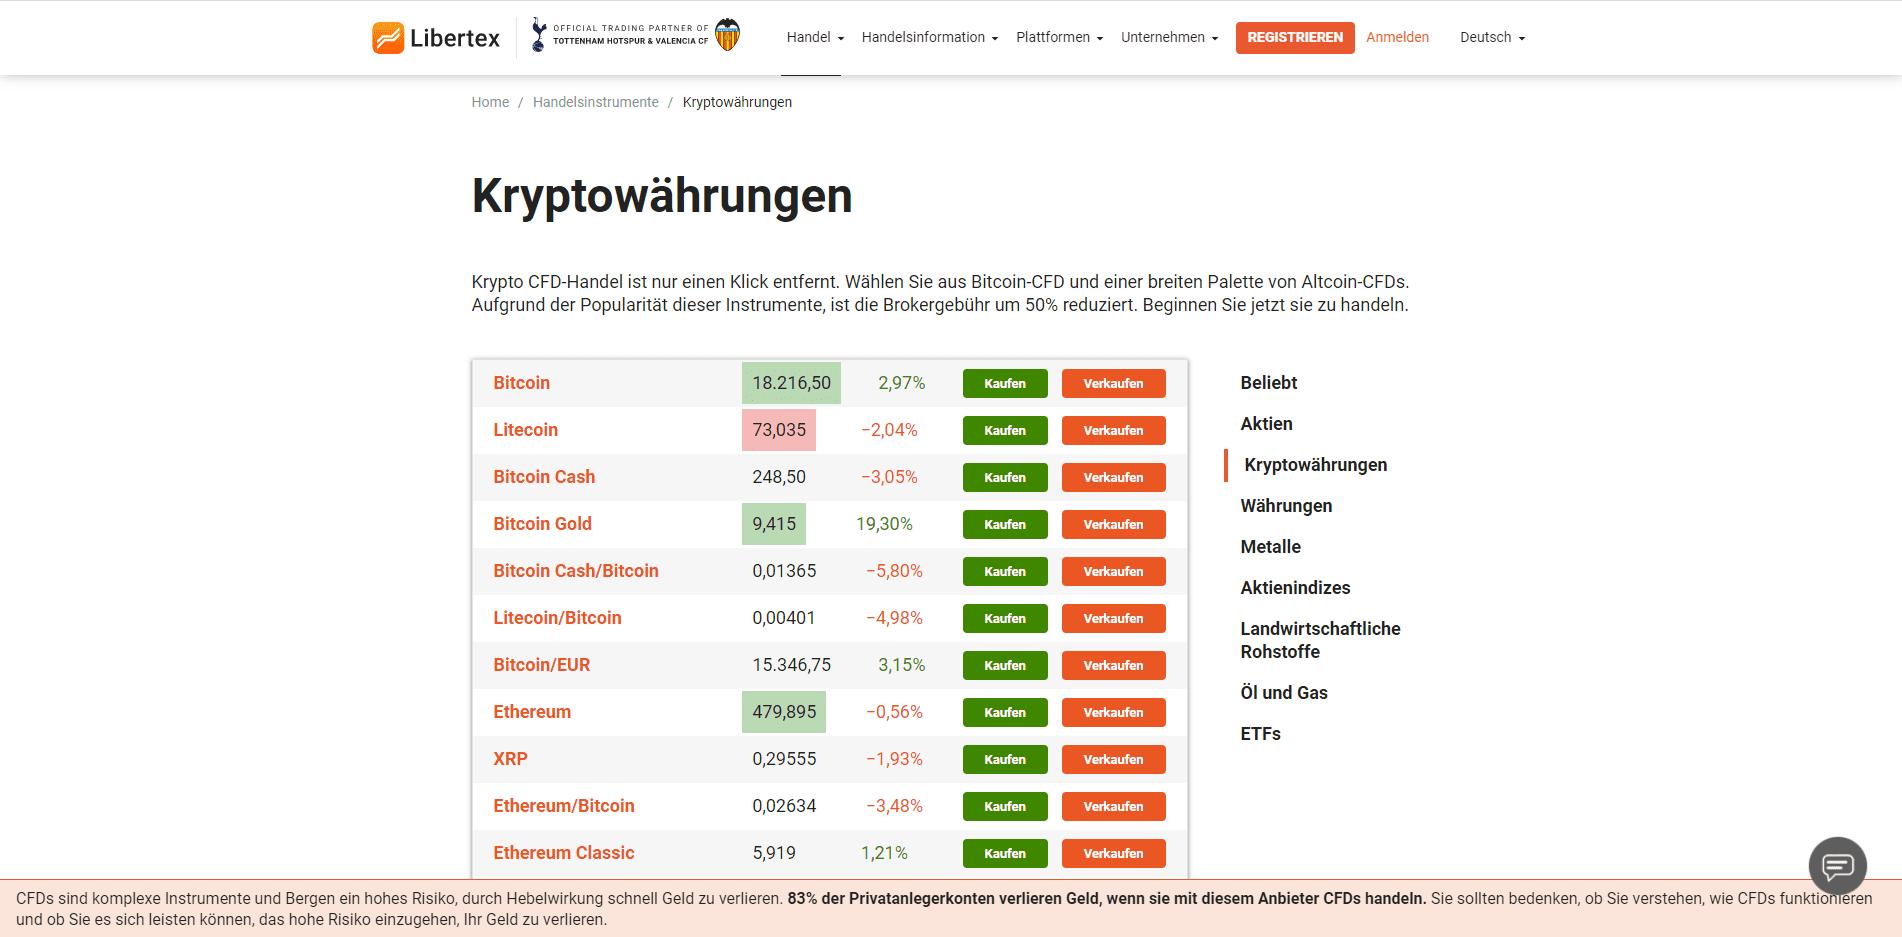 libertex kryptowährungen webseite übersicht - in kryptowahrung investieren